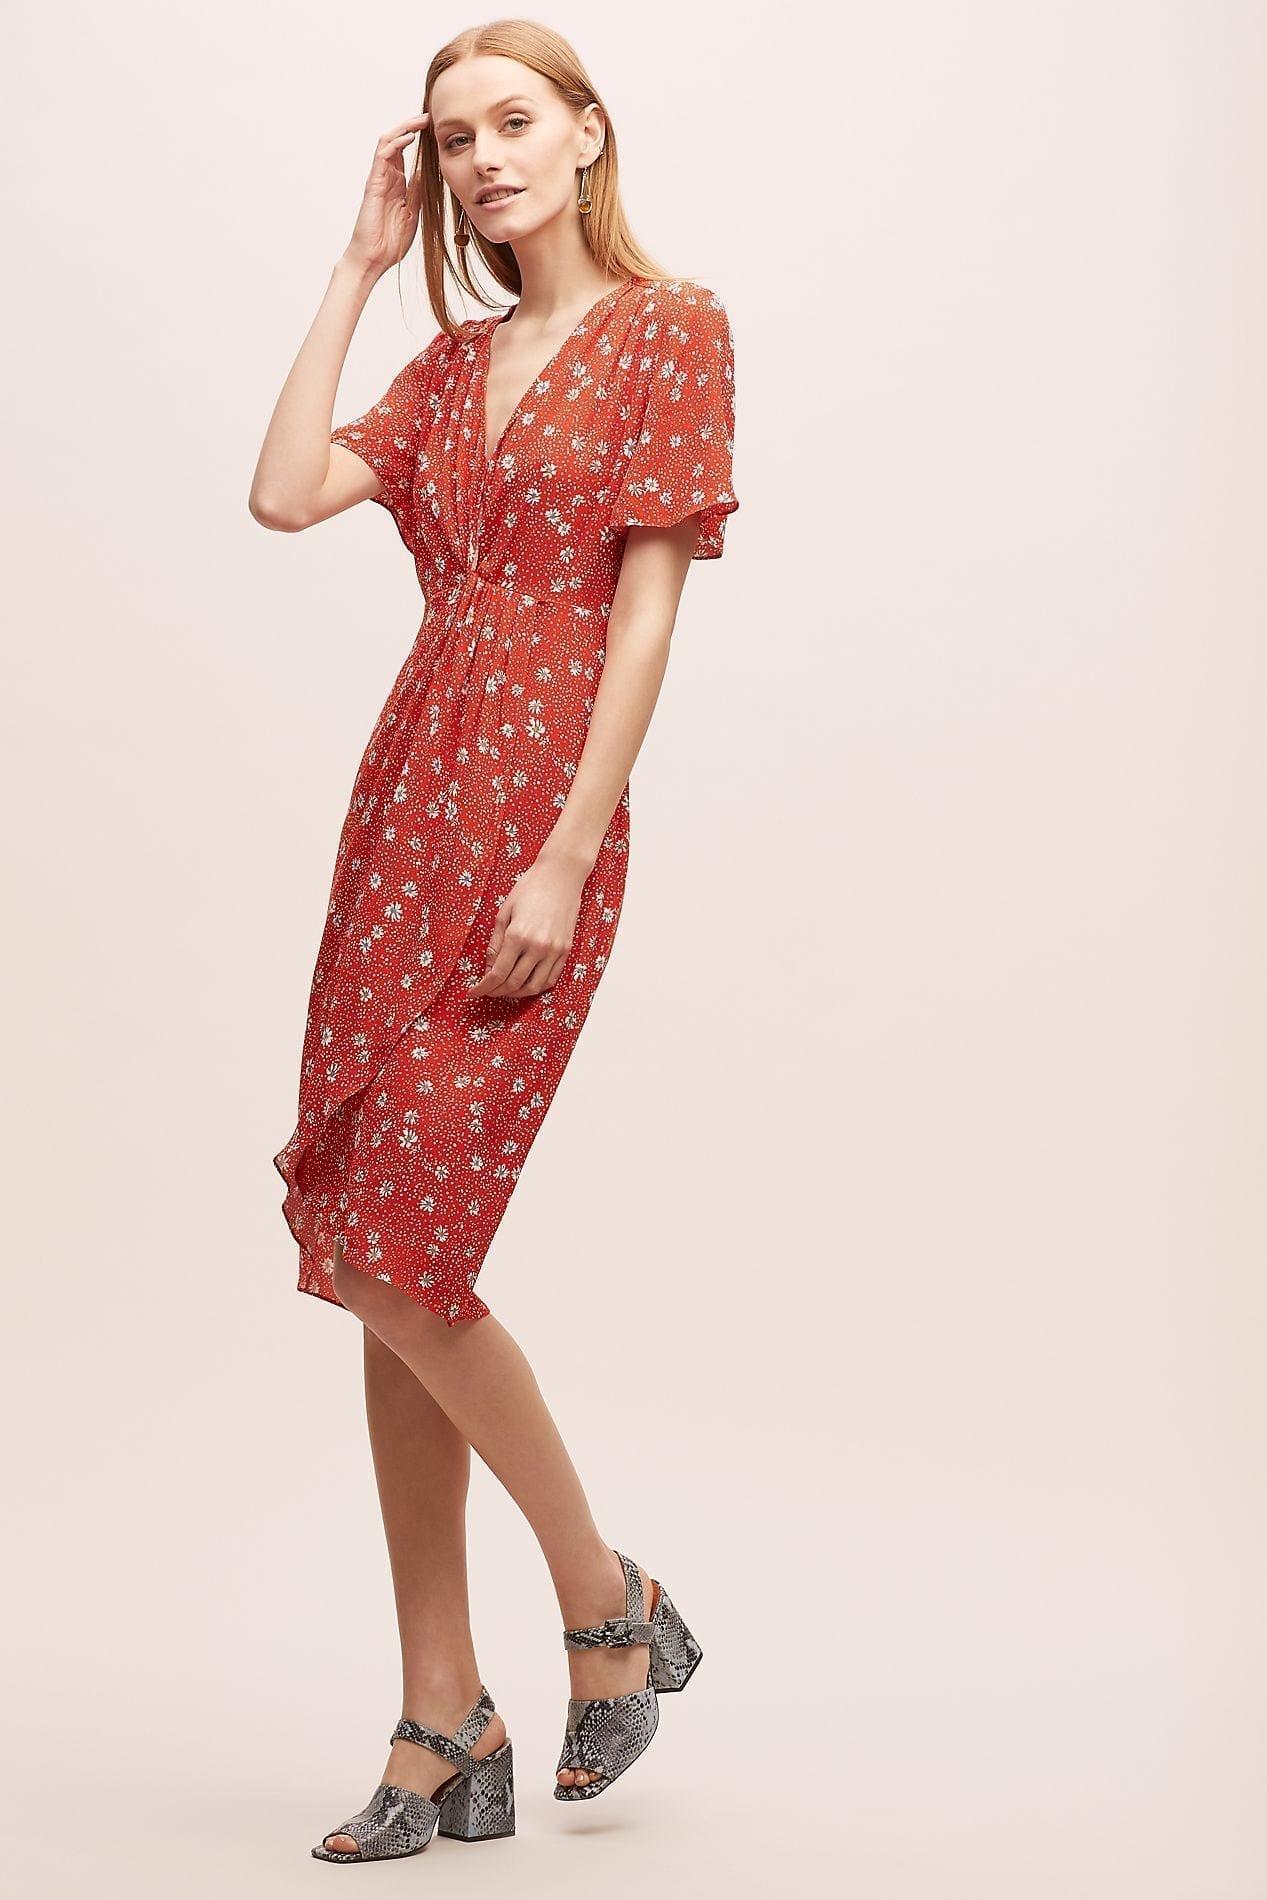 KACHEL Floral Tea Red Dress